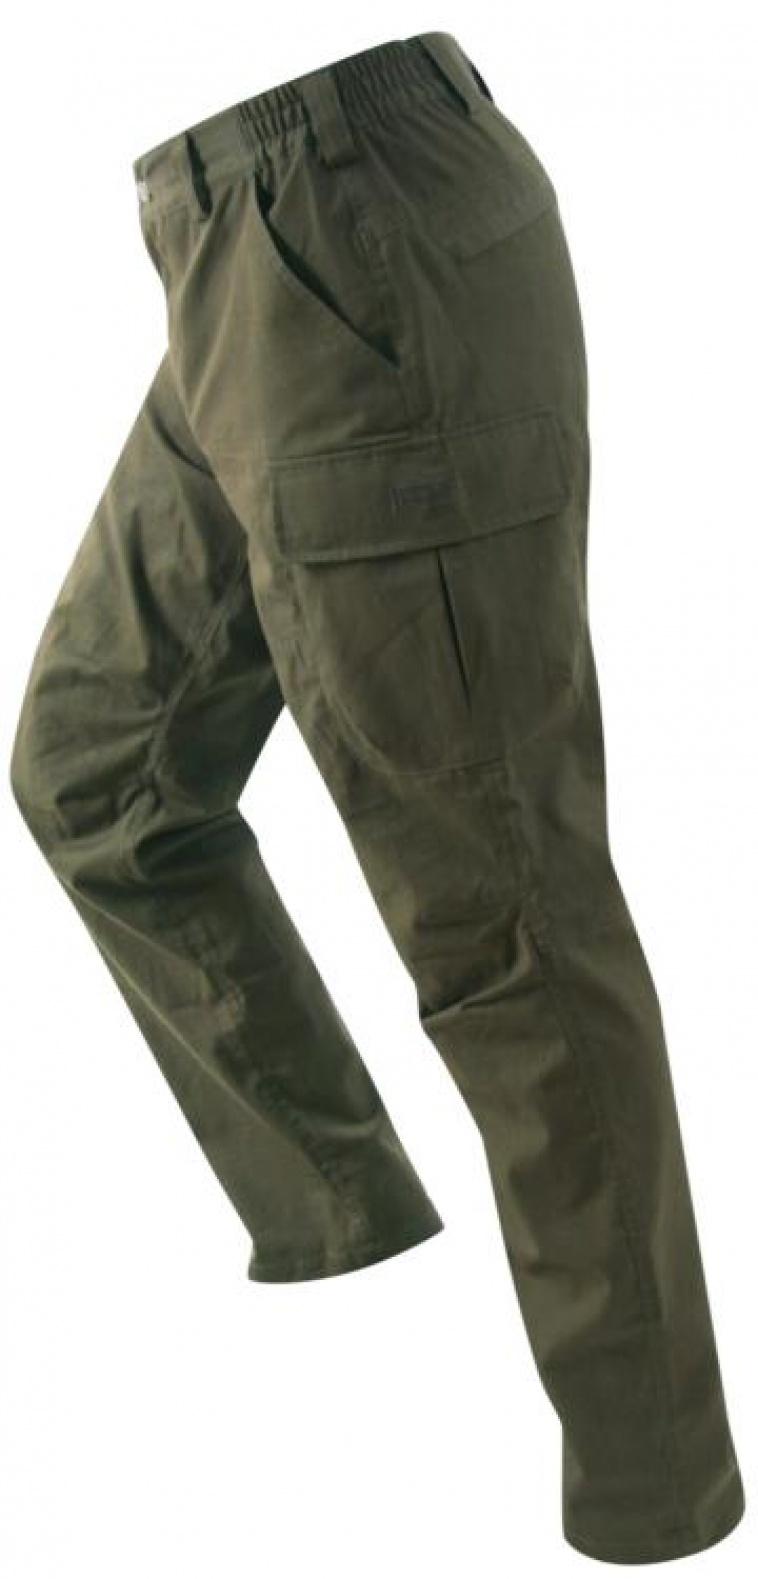 Art. nº  28 - Pantalón de caza HART Mod. Monroy-t